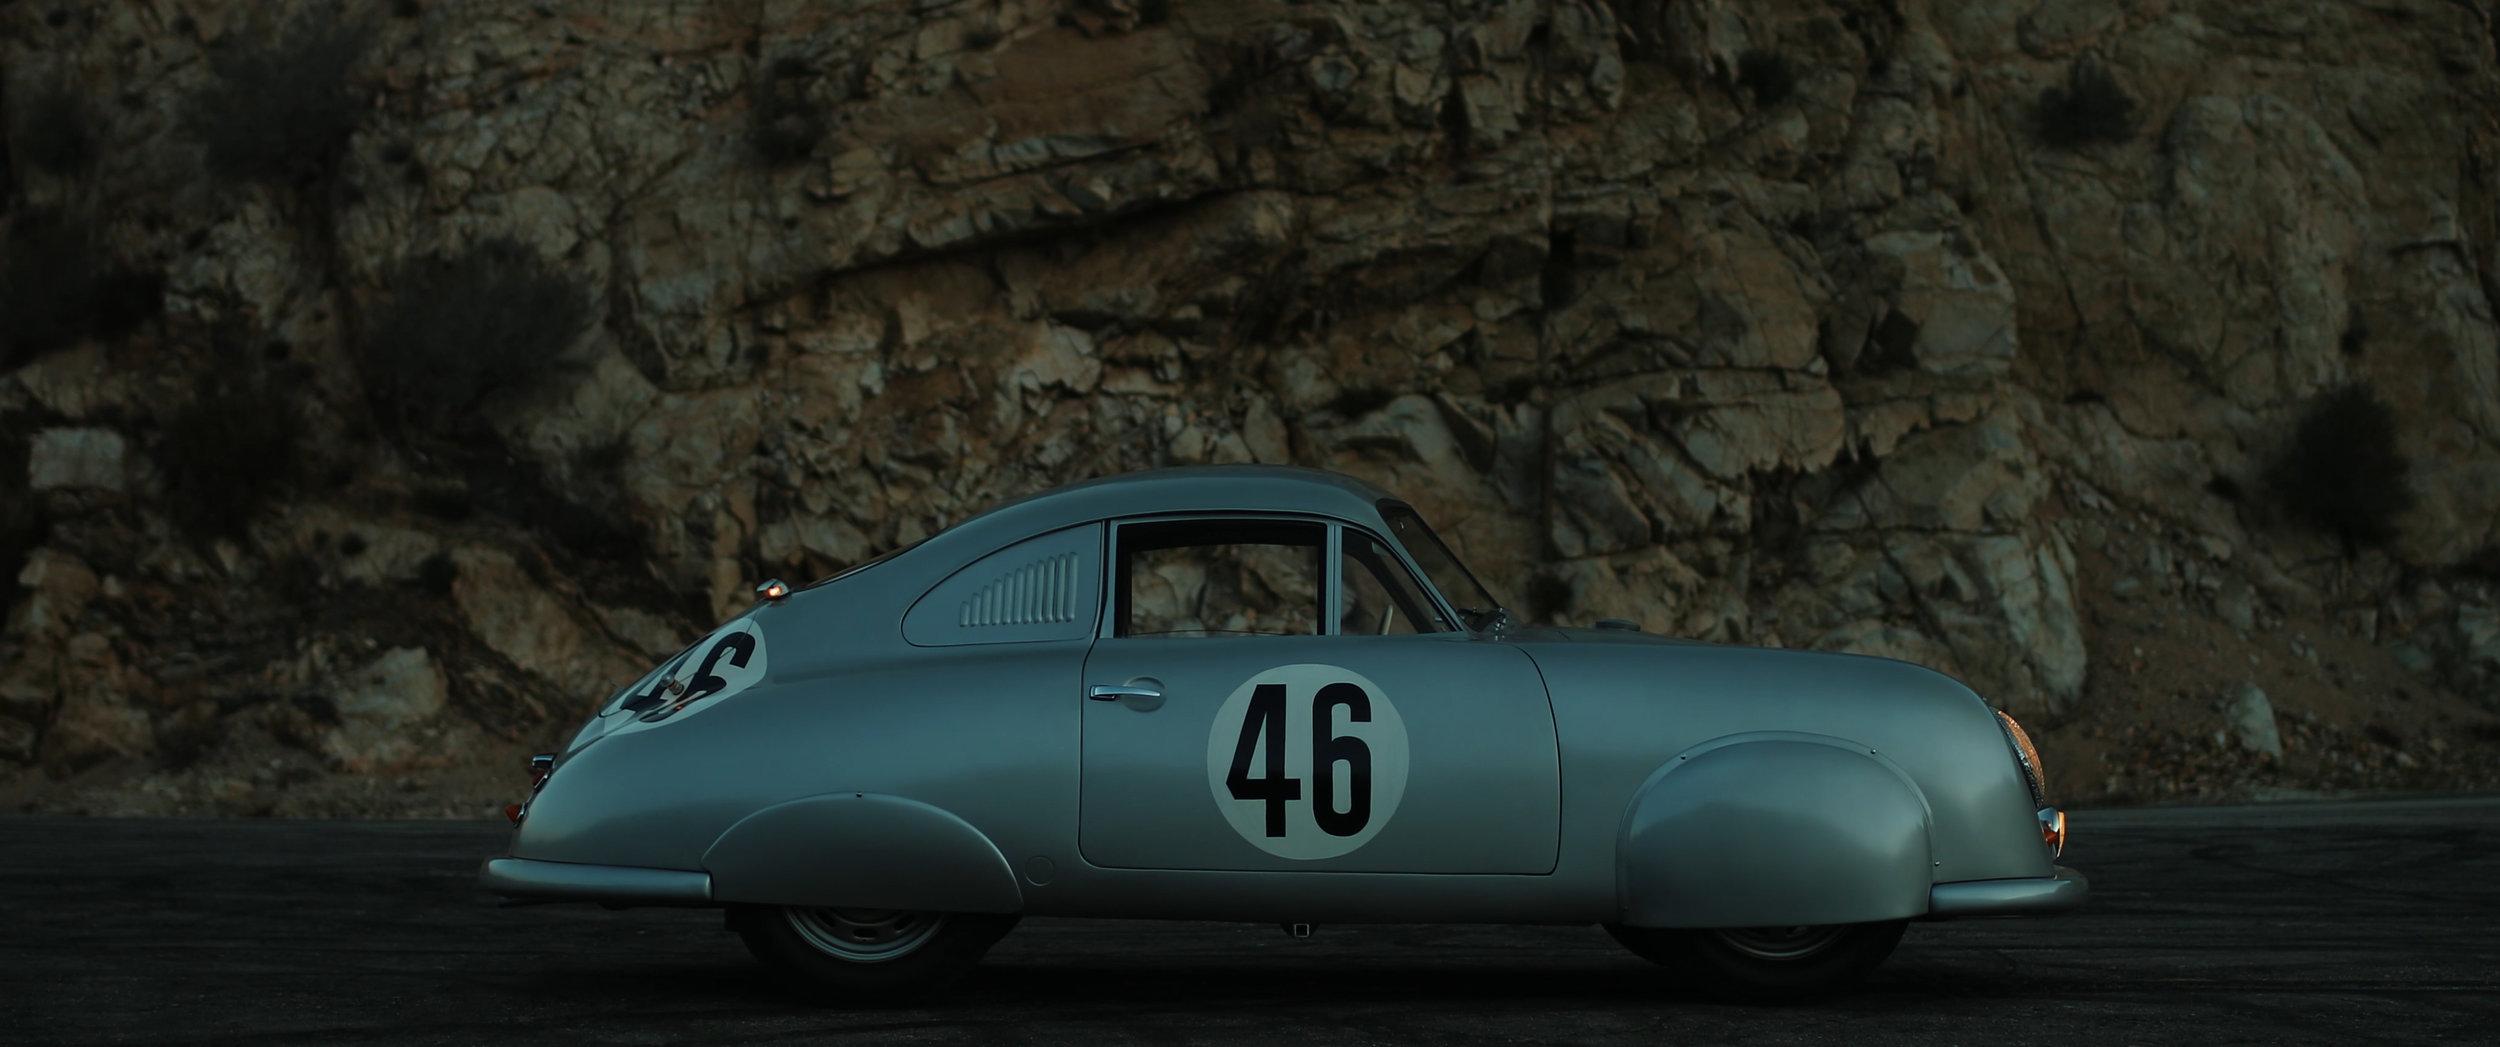 Christophorus Le Mans_v2 4K(cinemascope).mp4.00_00_57_19.Still010.jpg